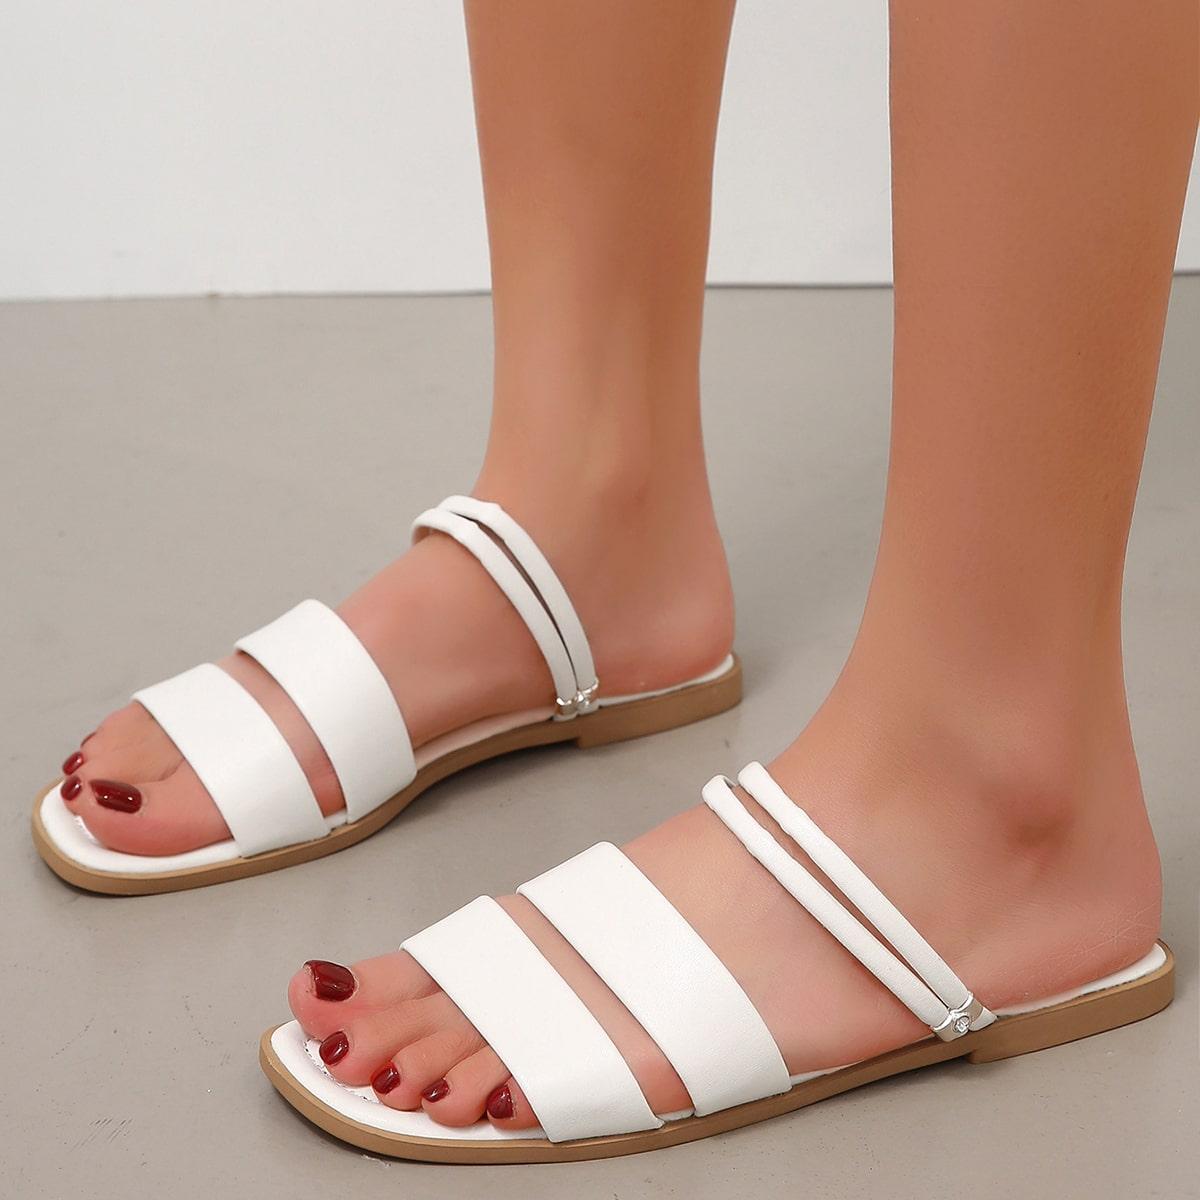 SHEIN Minimalistische bidirectionele sandalen